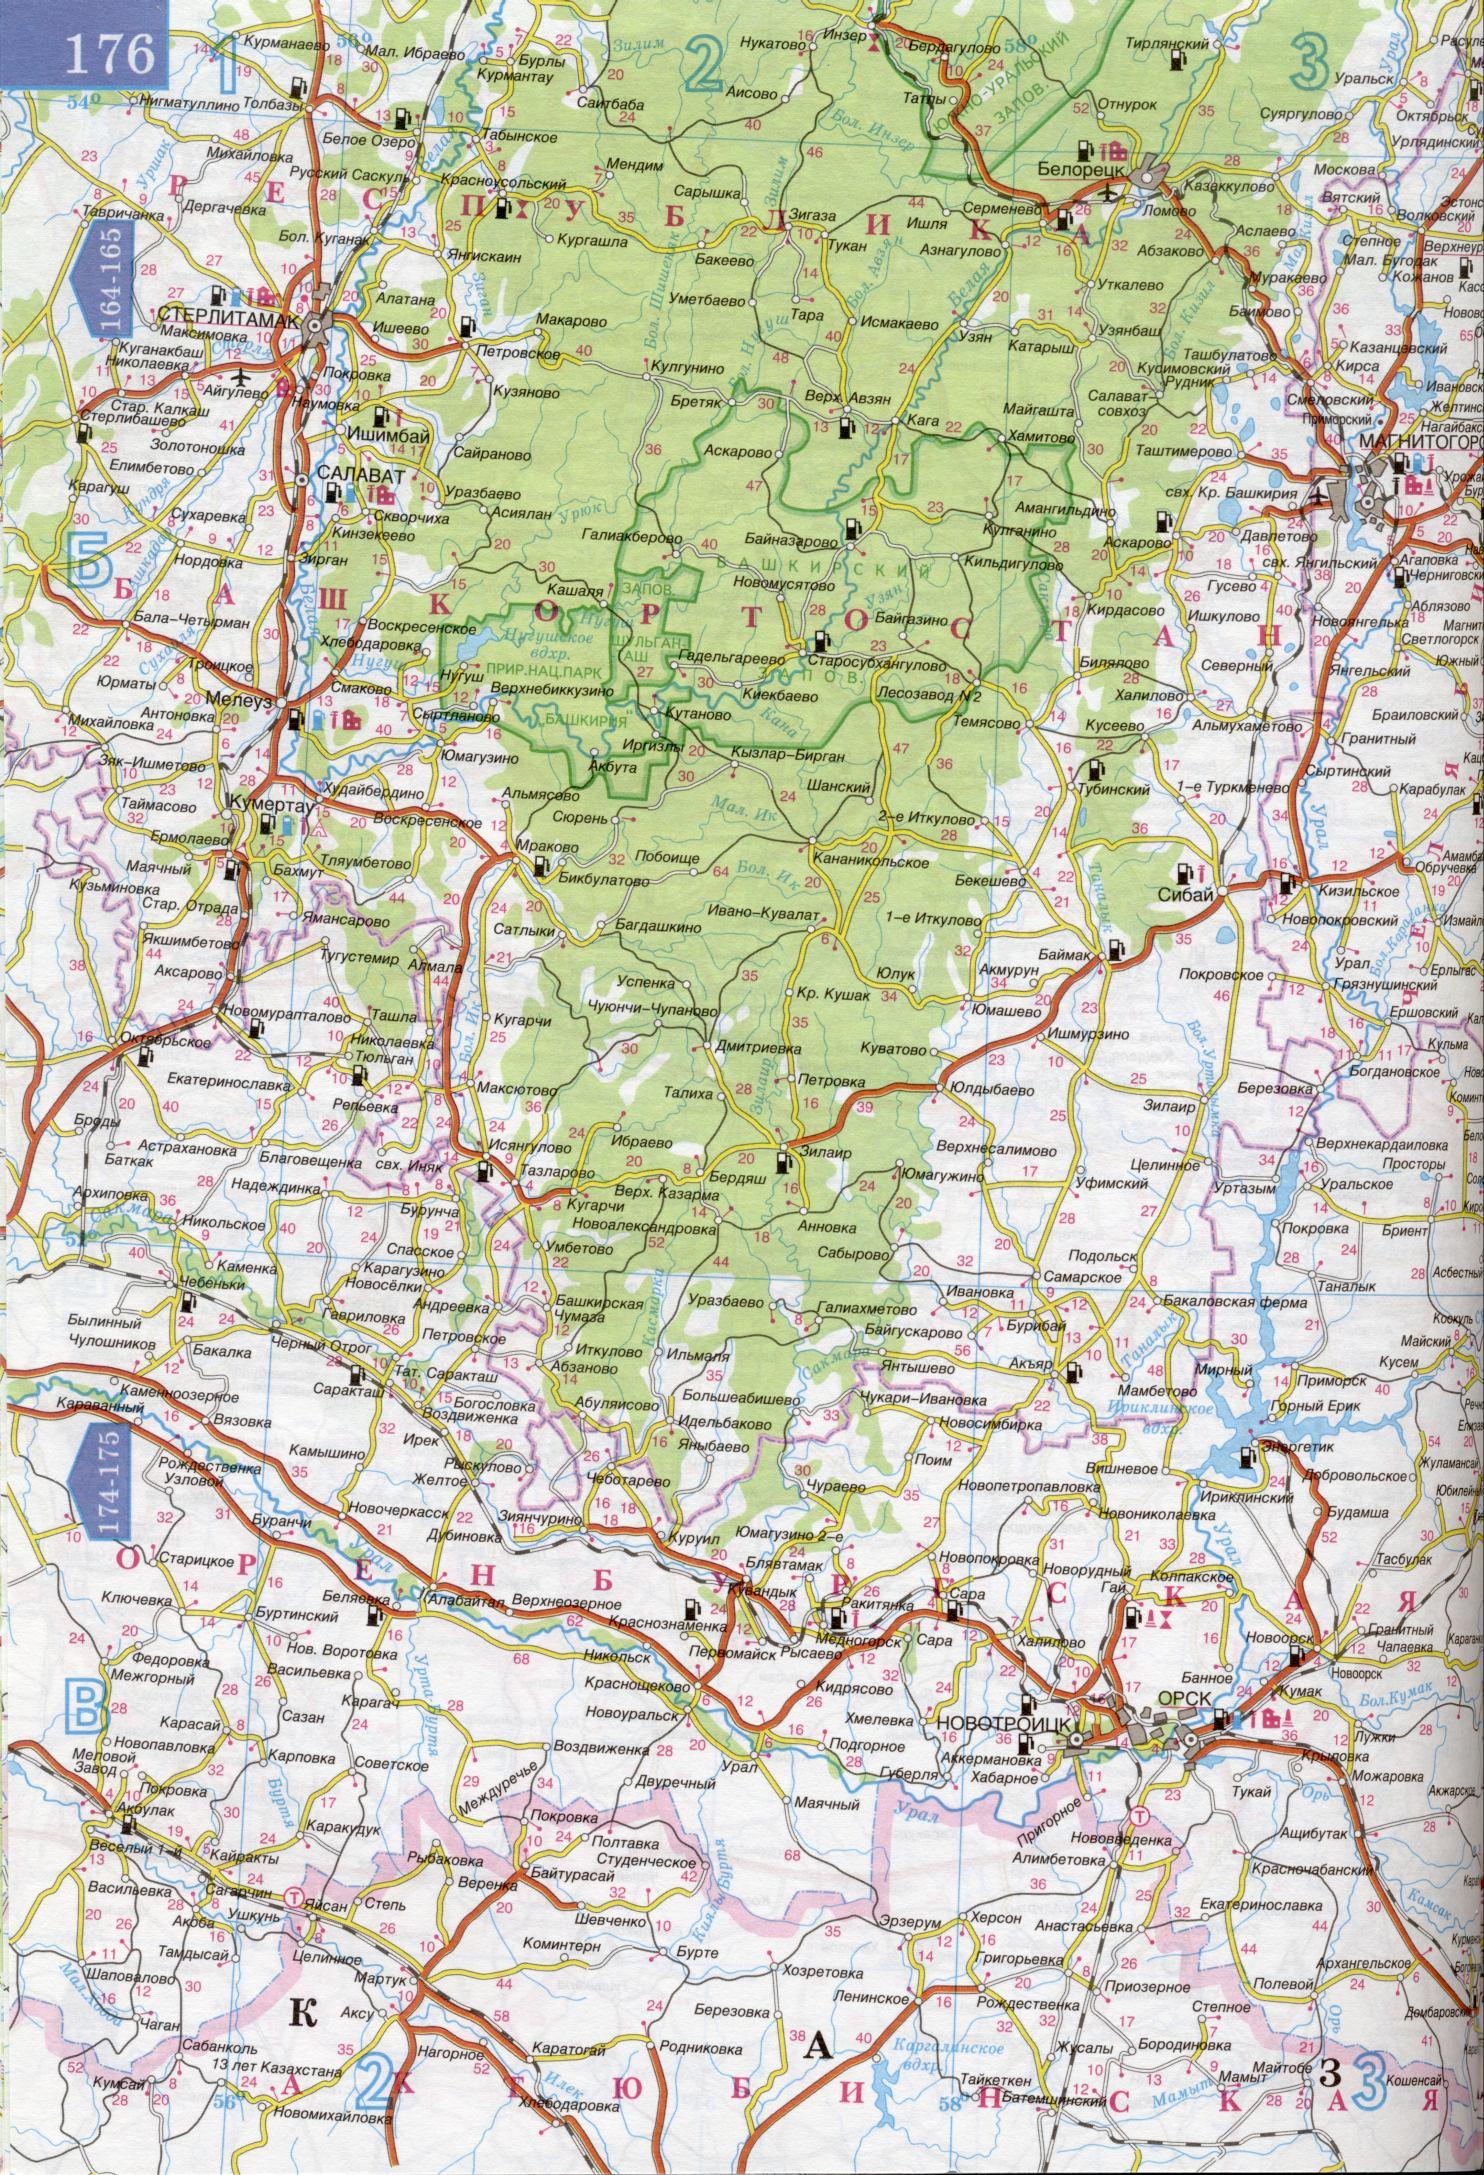 Карта Урала и Поволжья. Большая подробная карта авто дорог ...: http://map-auto.ru/map262472_2_2.htm